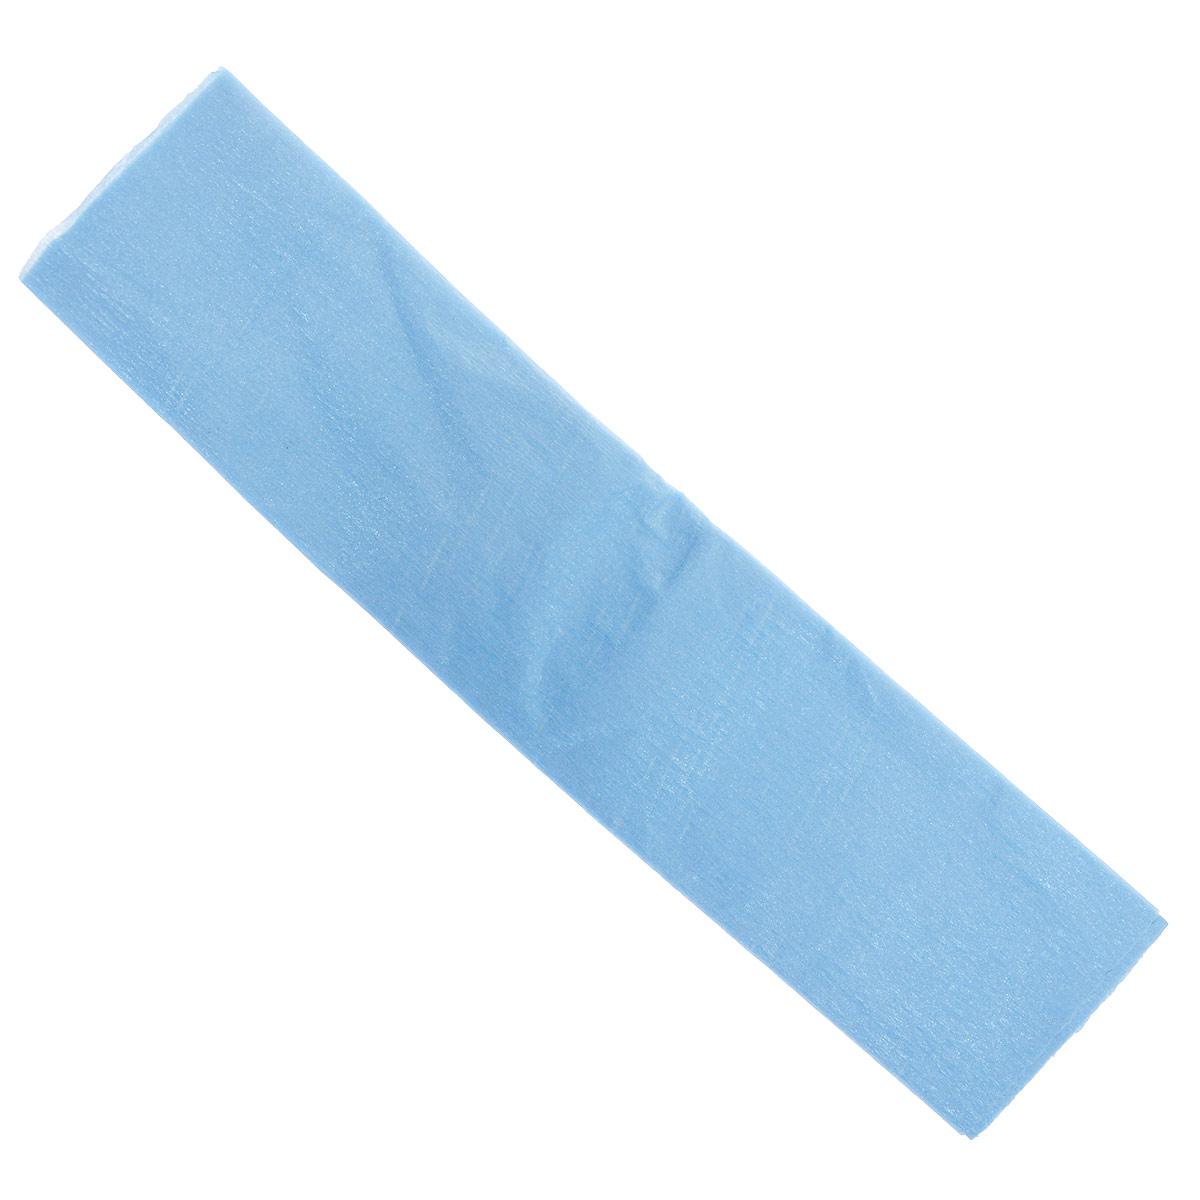 Крепированная бумага Hatber, перламутровая, цвет: голубой, 5 см х 25 смБк2пл_00025Цветная крепированная бумага Hatber - отличный вариант для развития творчества вашего ребенка. Бумага с фактурным покрытием очень гибкая и мягкая, из нее можно создавать чудесные аппликации, игрушки, подарки и объемные поделки. Цветная крепированная бумага Hatber способствует развитию фантазии, цветовосприятия и мелкой моторики рук. Размер бумаги - 5 см х 25 см.